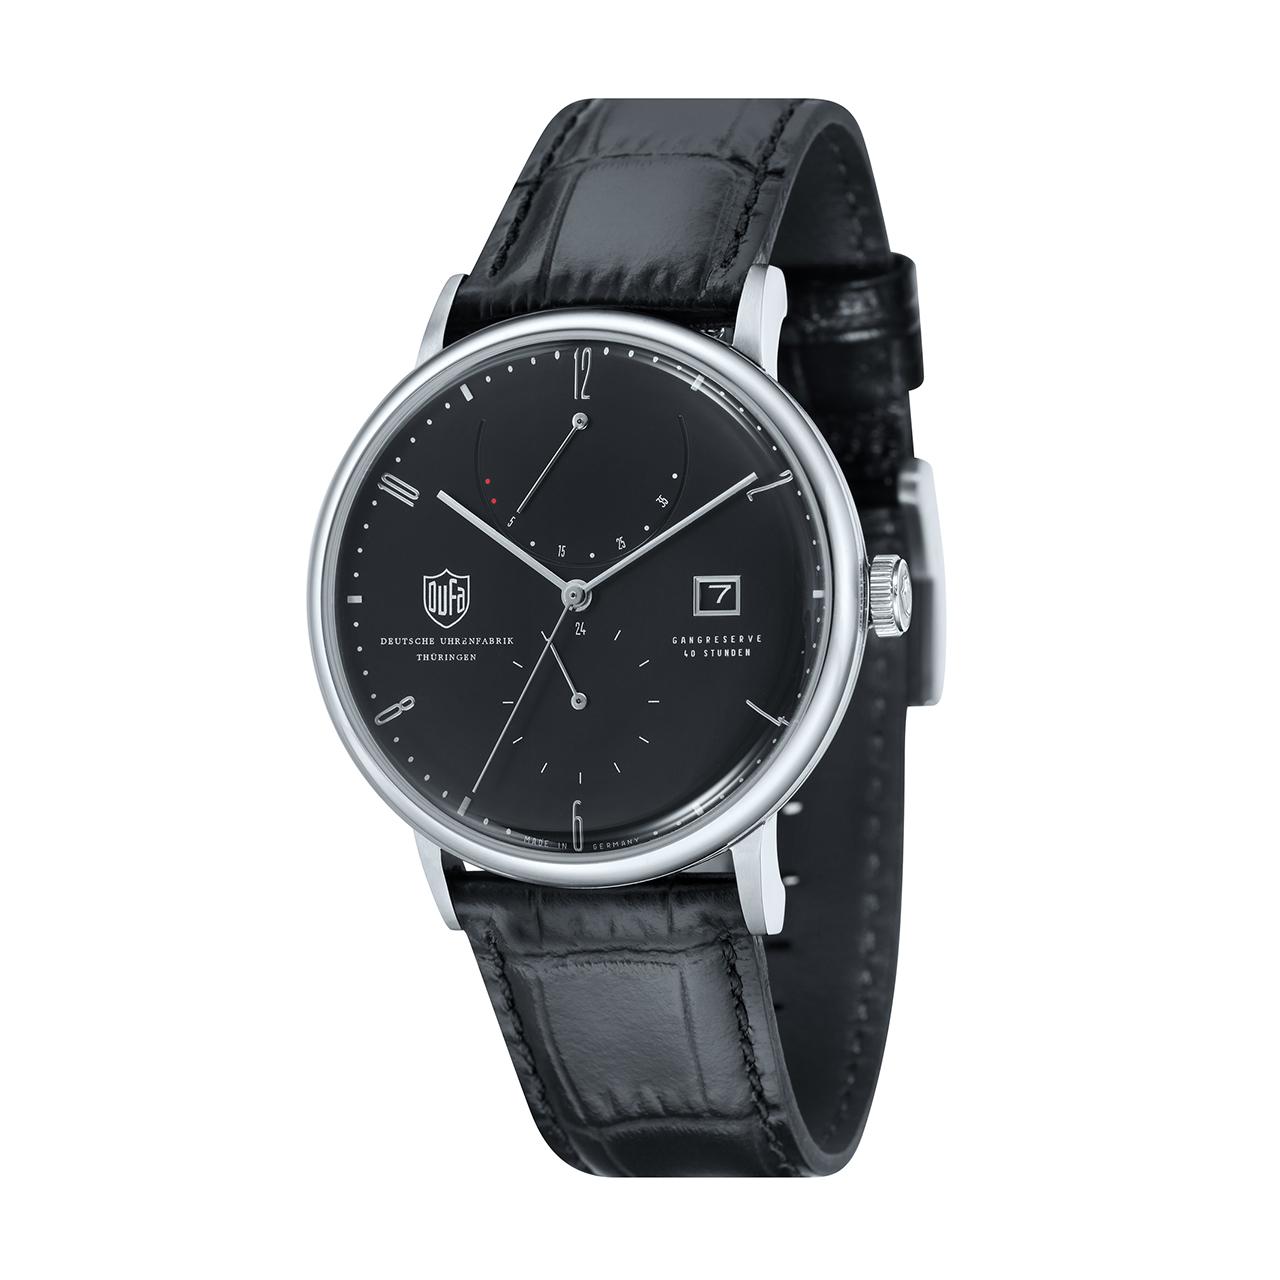 ساعت مچی عقربه ای مردانه دوفا مدل DF-9010-01 22